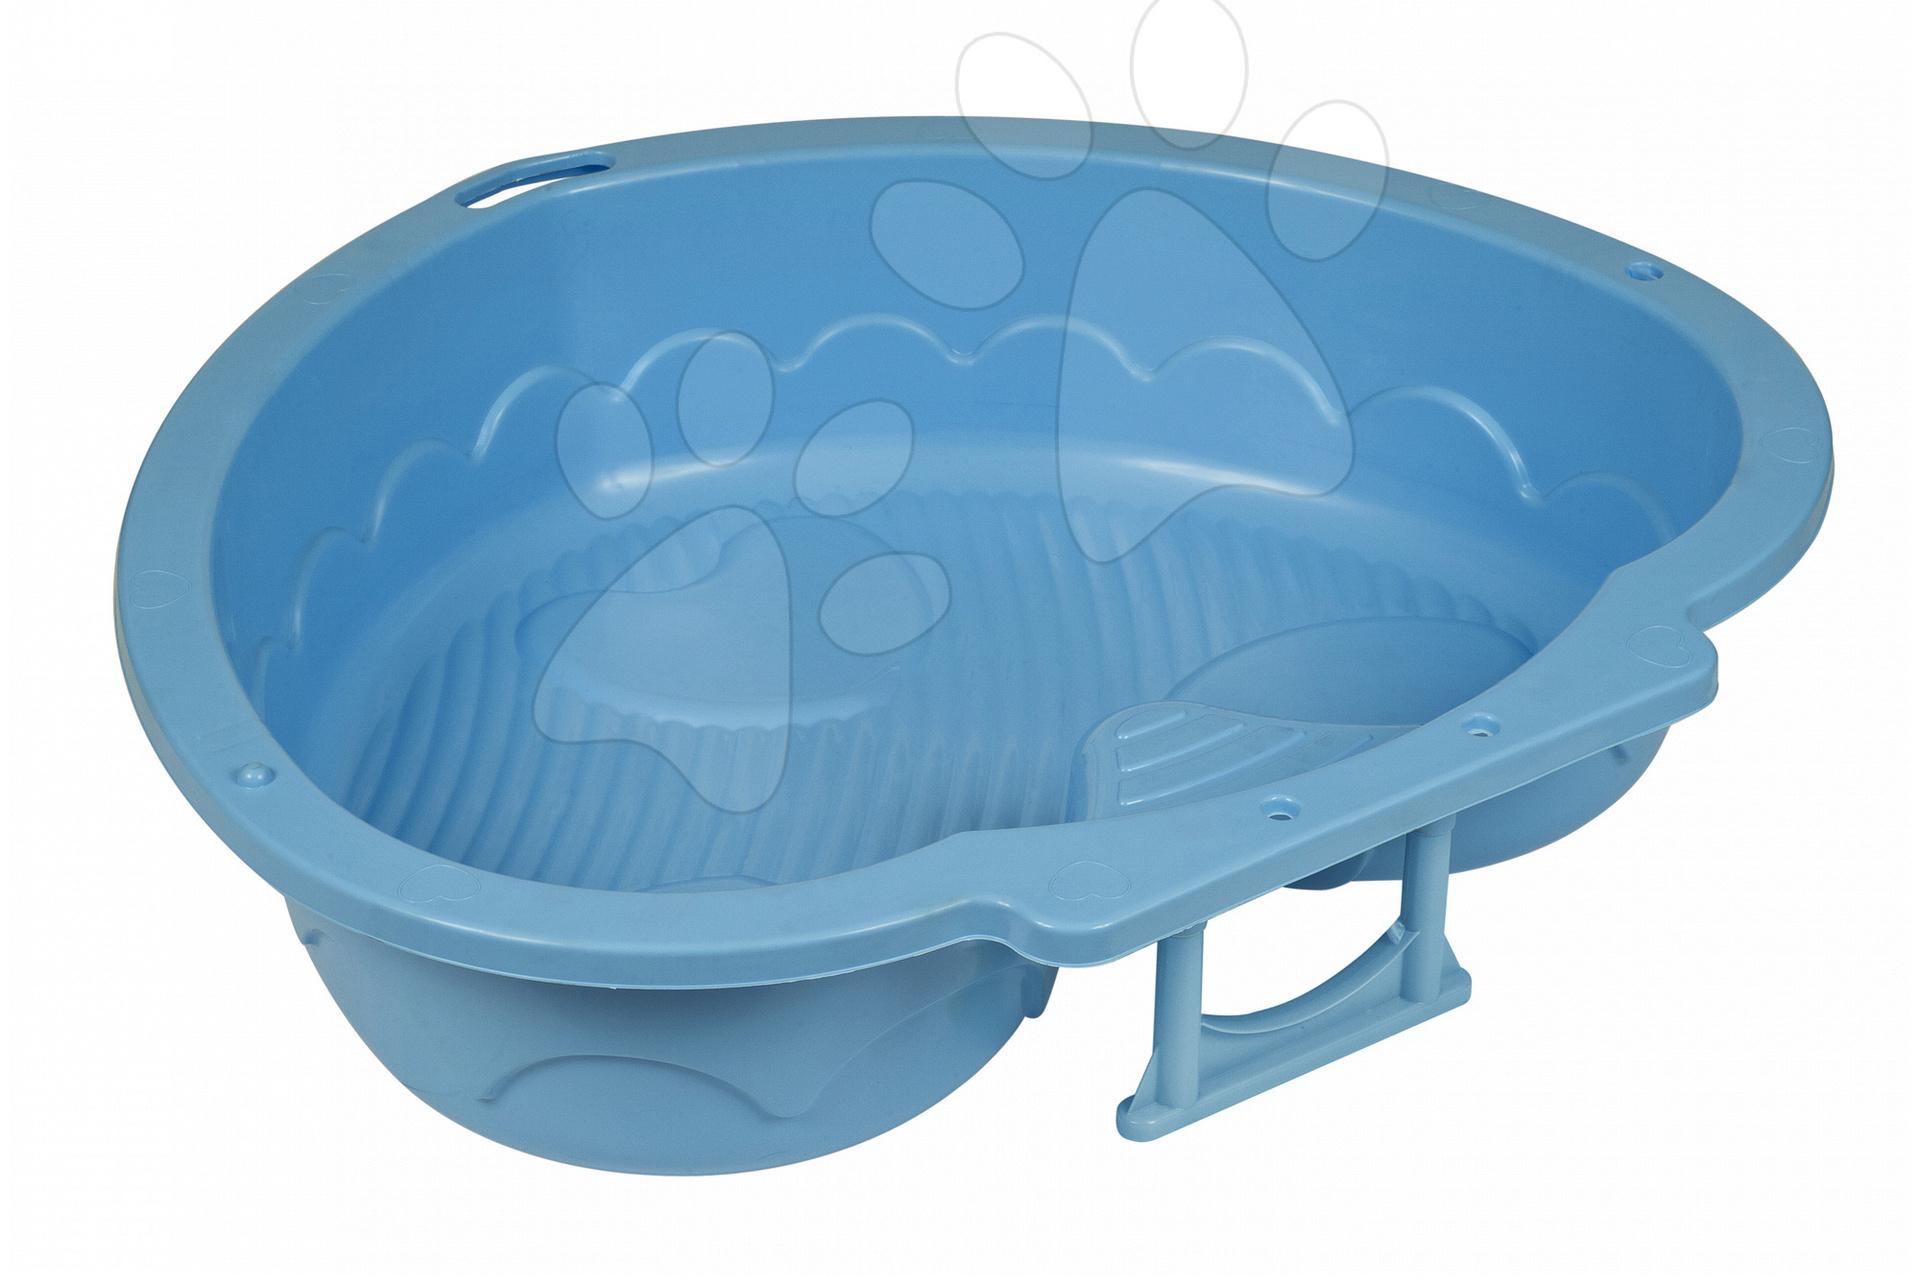 Pískoviště pro děti  - Pískoviště Trojlístek PalPlay modré od 24 měsíců